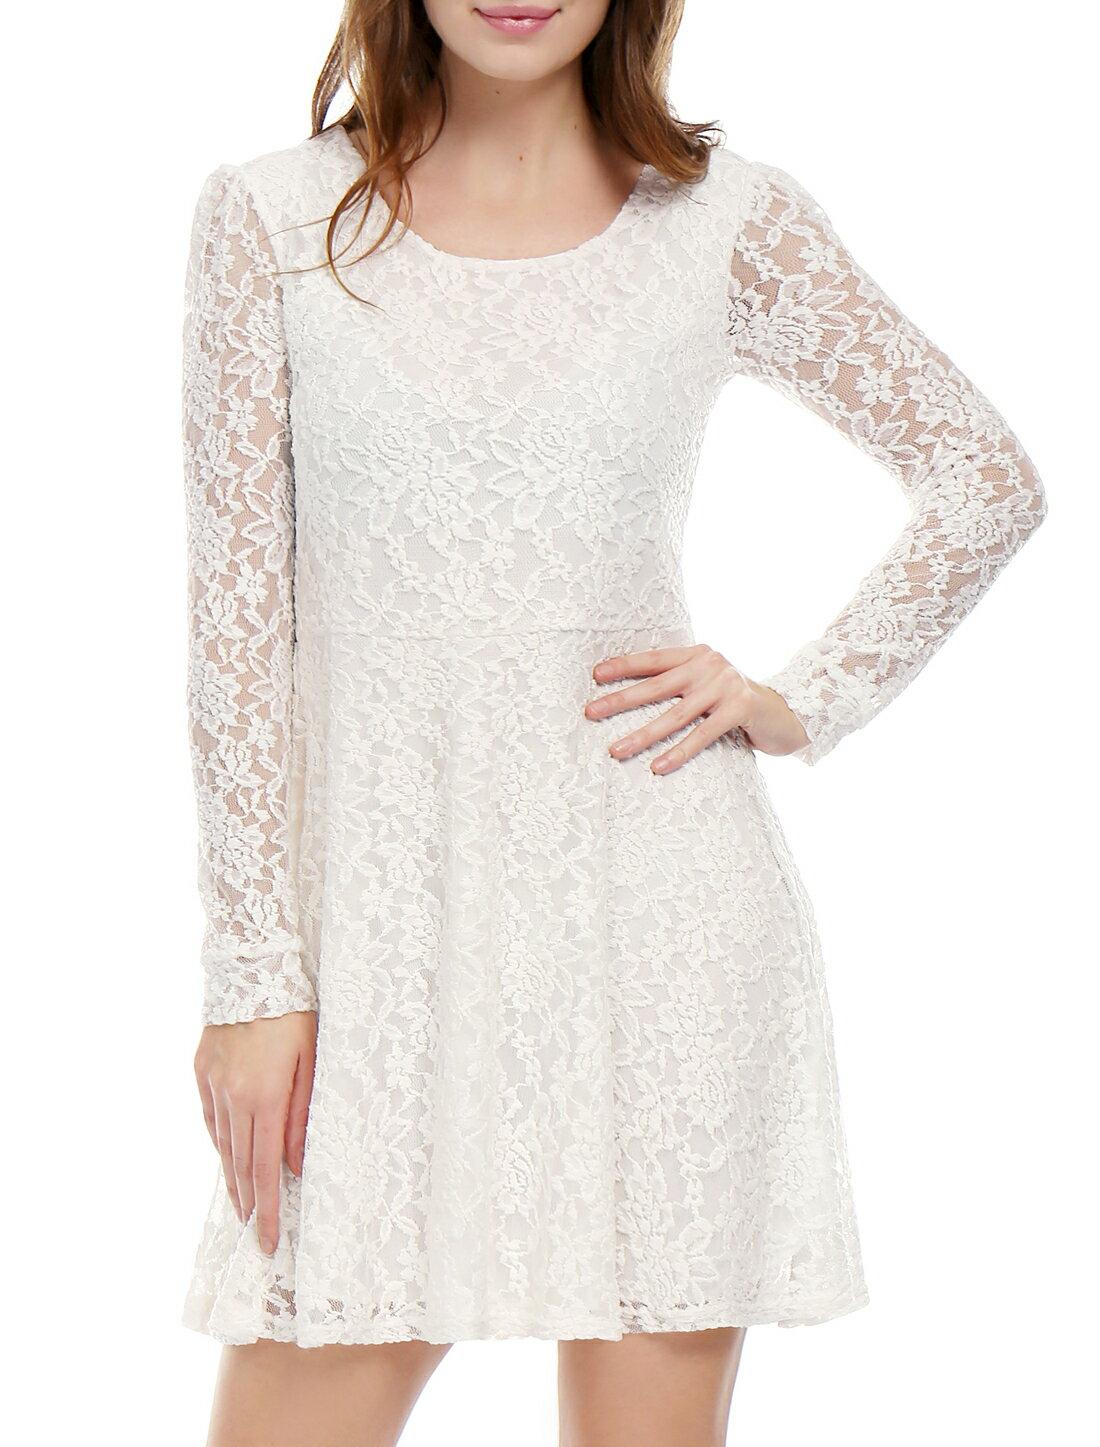 Unique Bargains Women's Scoop Neck Long Sleeves Lace Mini Skater Dress White (Size S / 4) 0